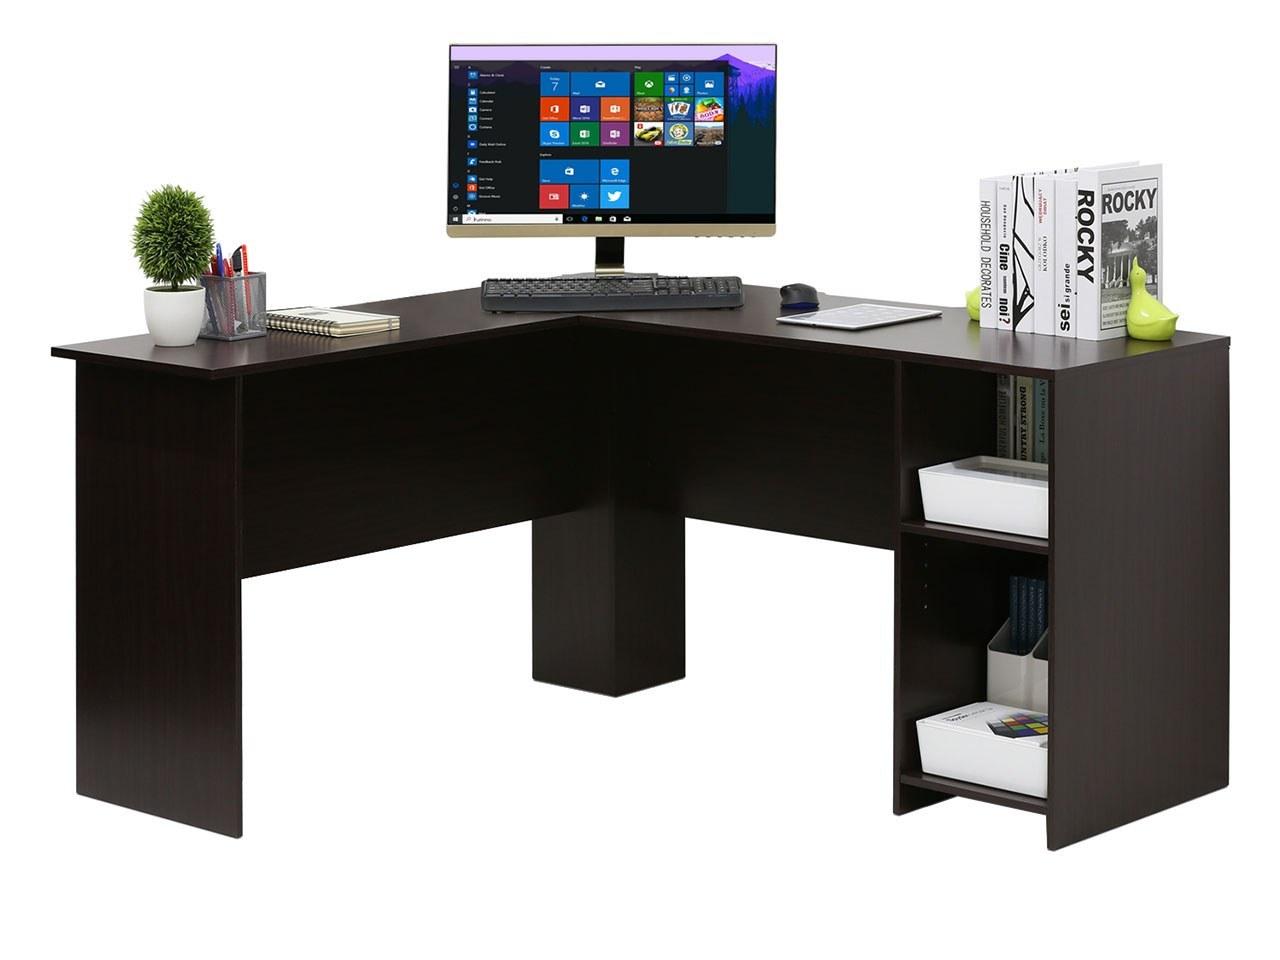 میز کامپیوتر مدرن MC 12